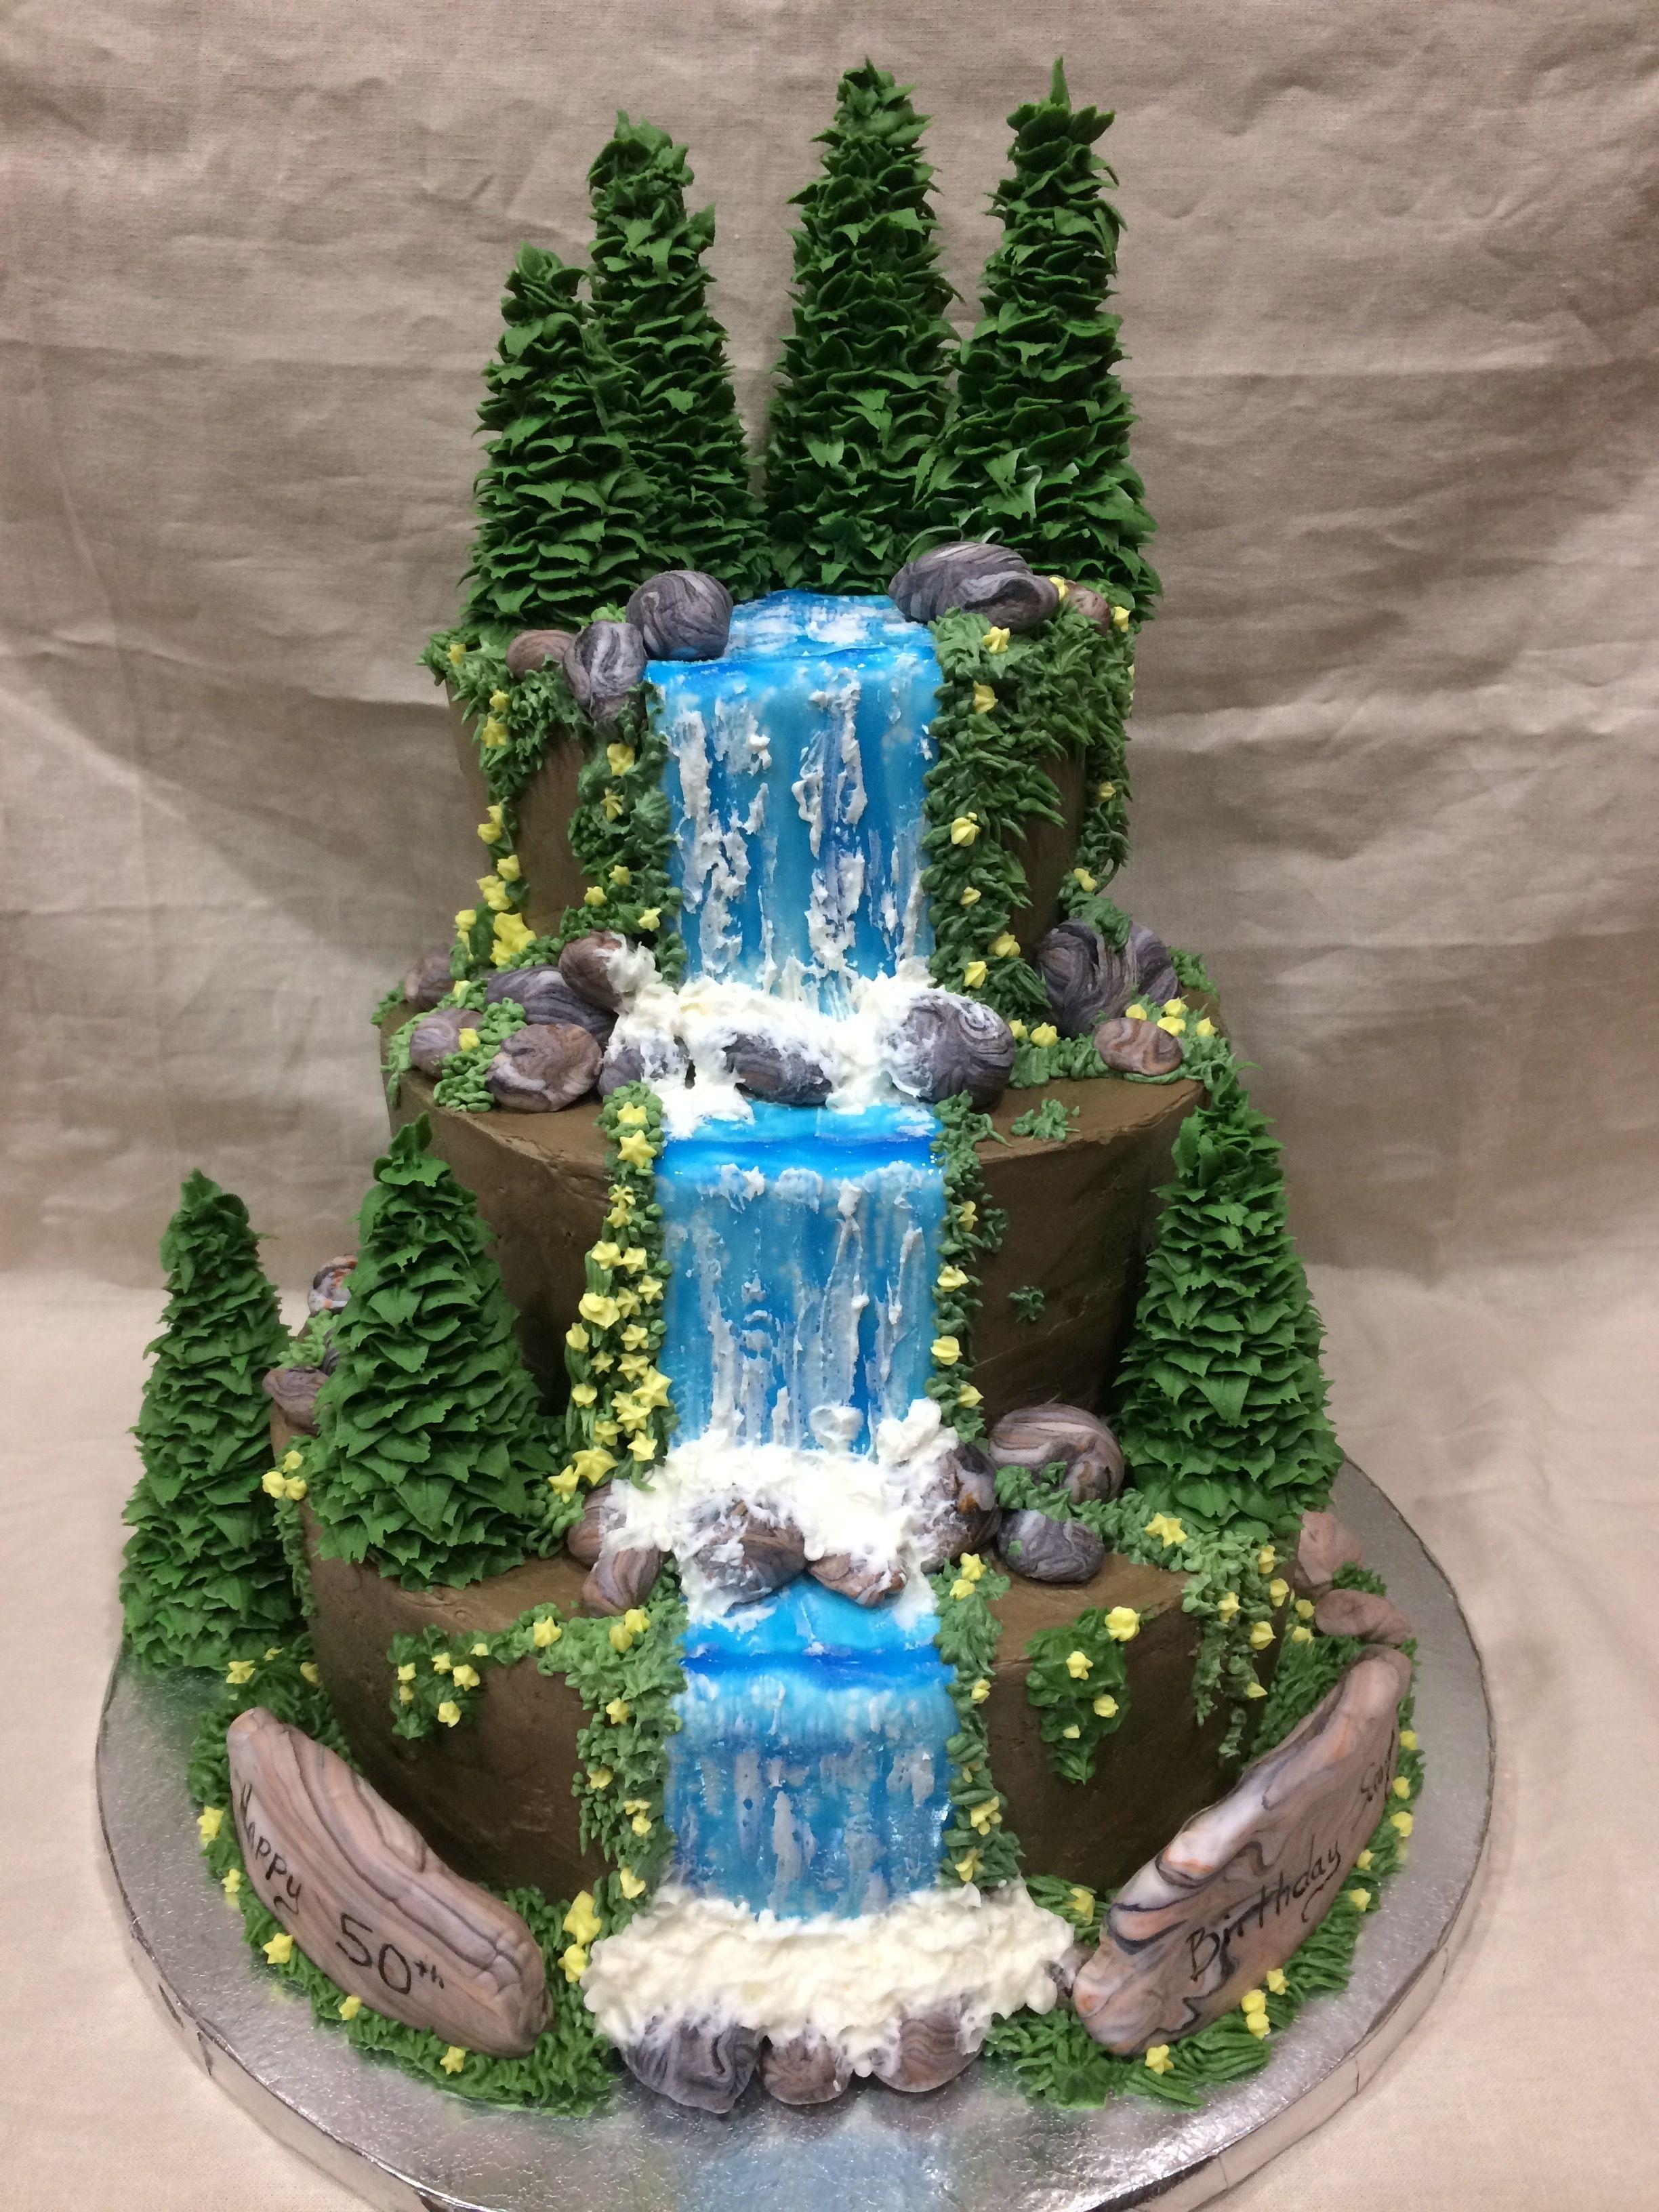 My waterfall birthday cake. | Waterfall cake